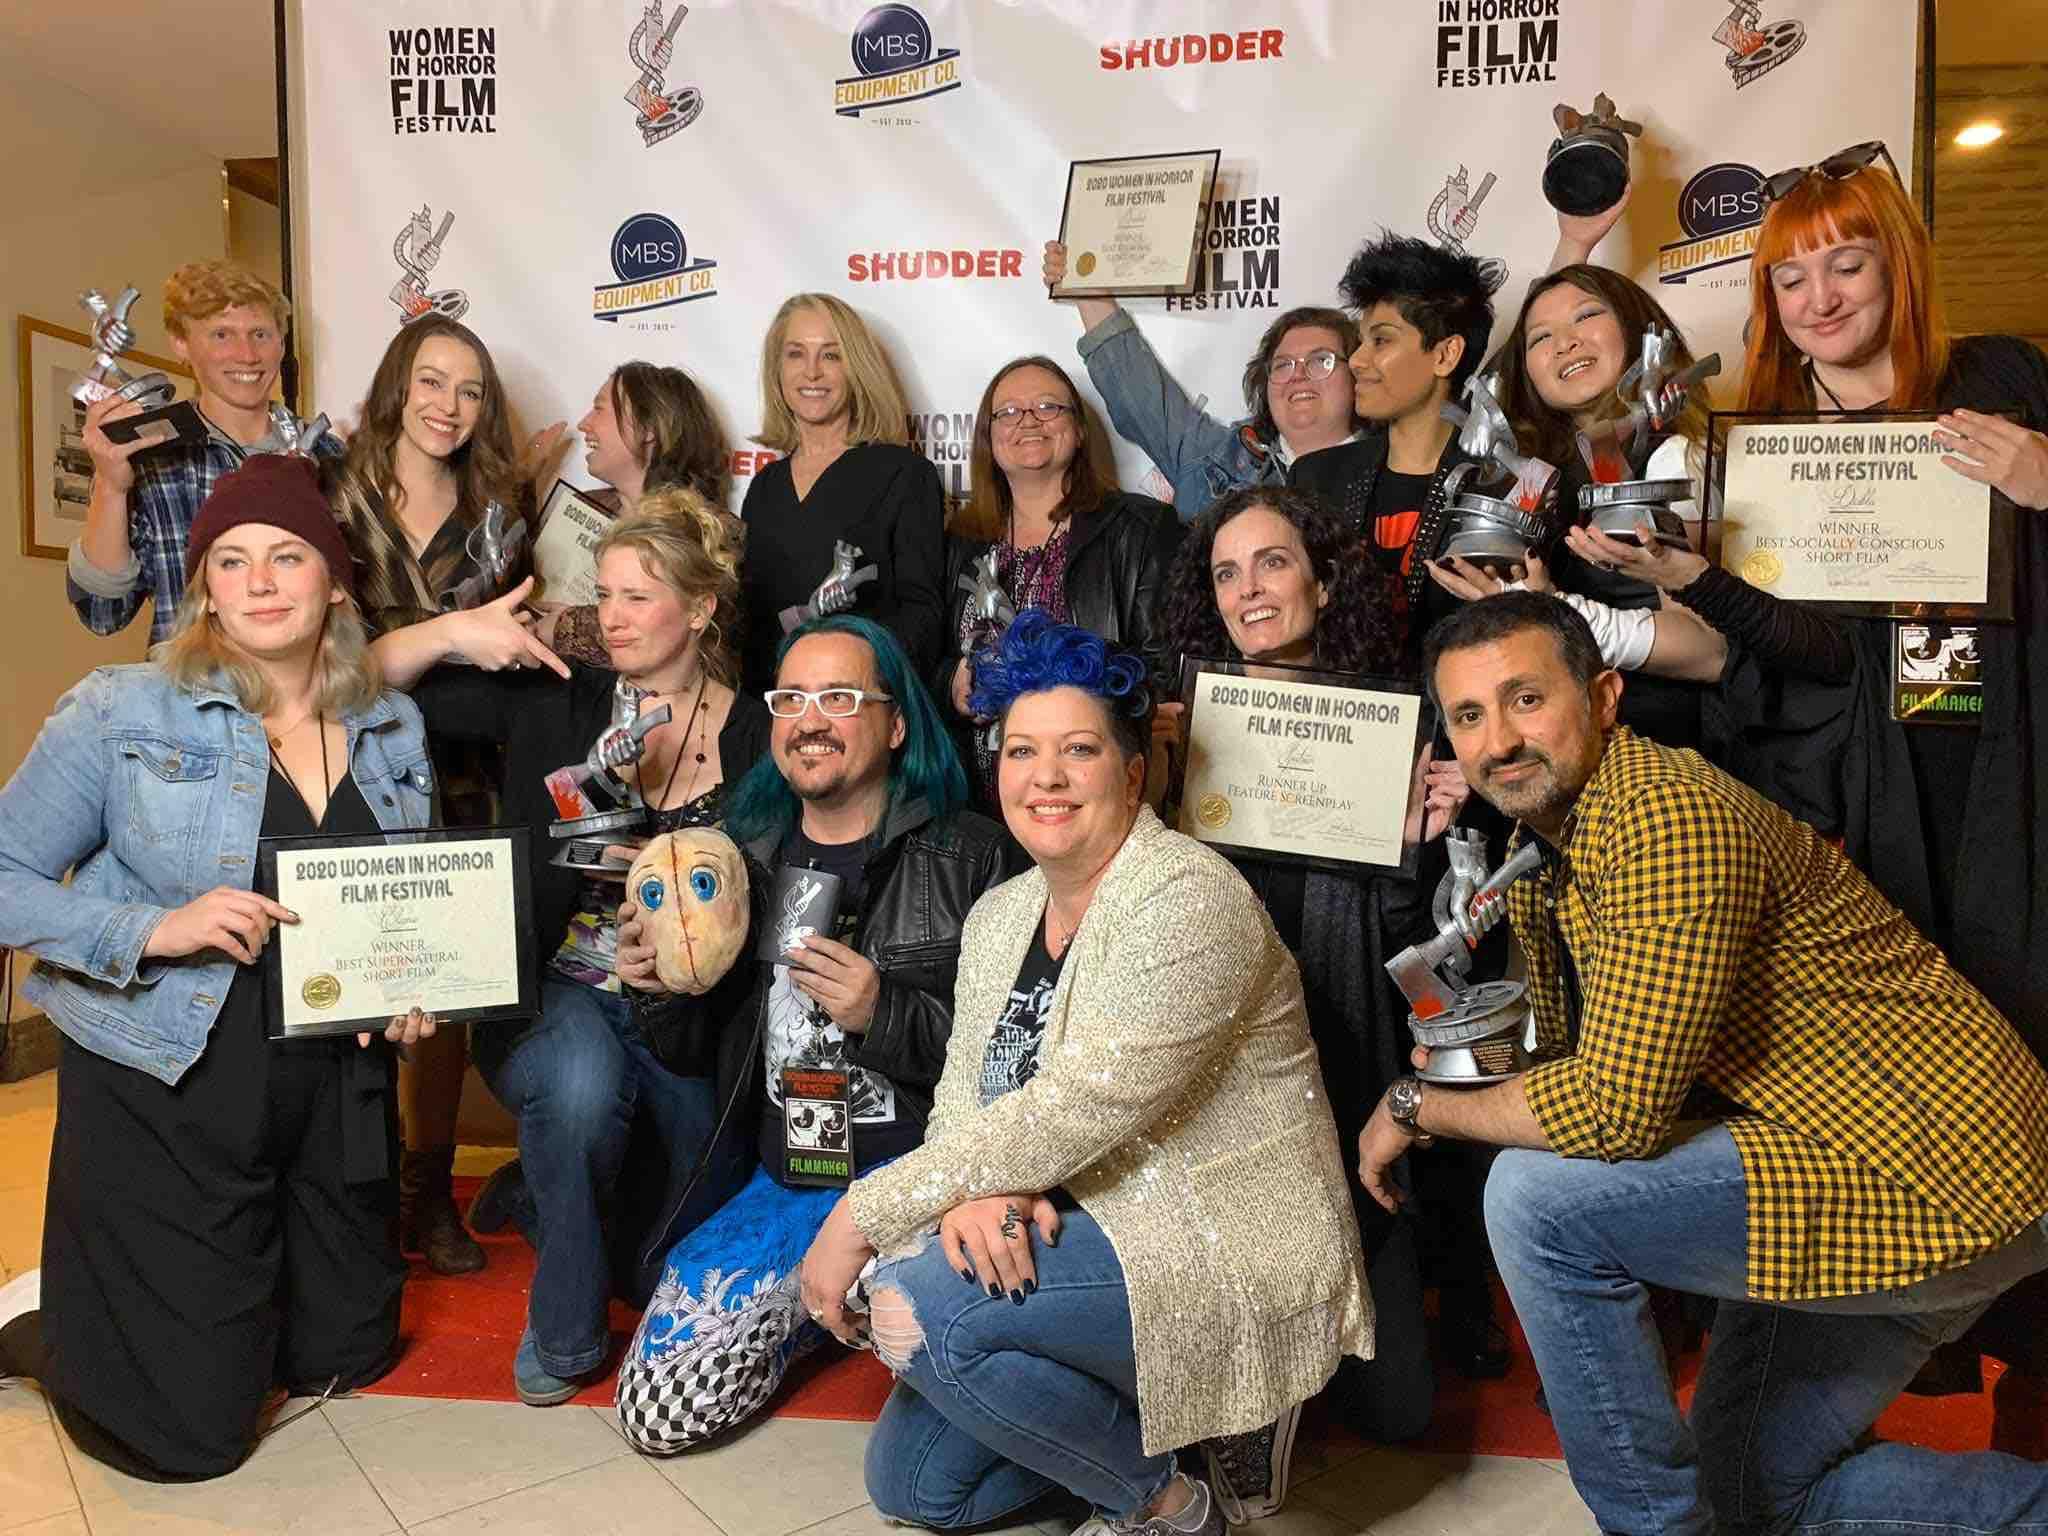 Women in Horror Film Festival Best Genre Festivals film festivals